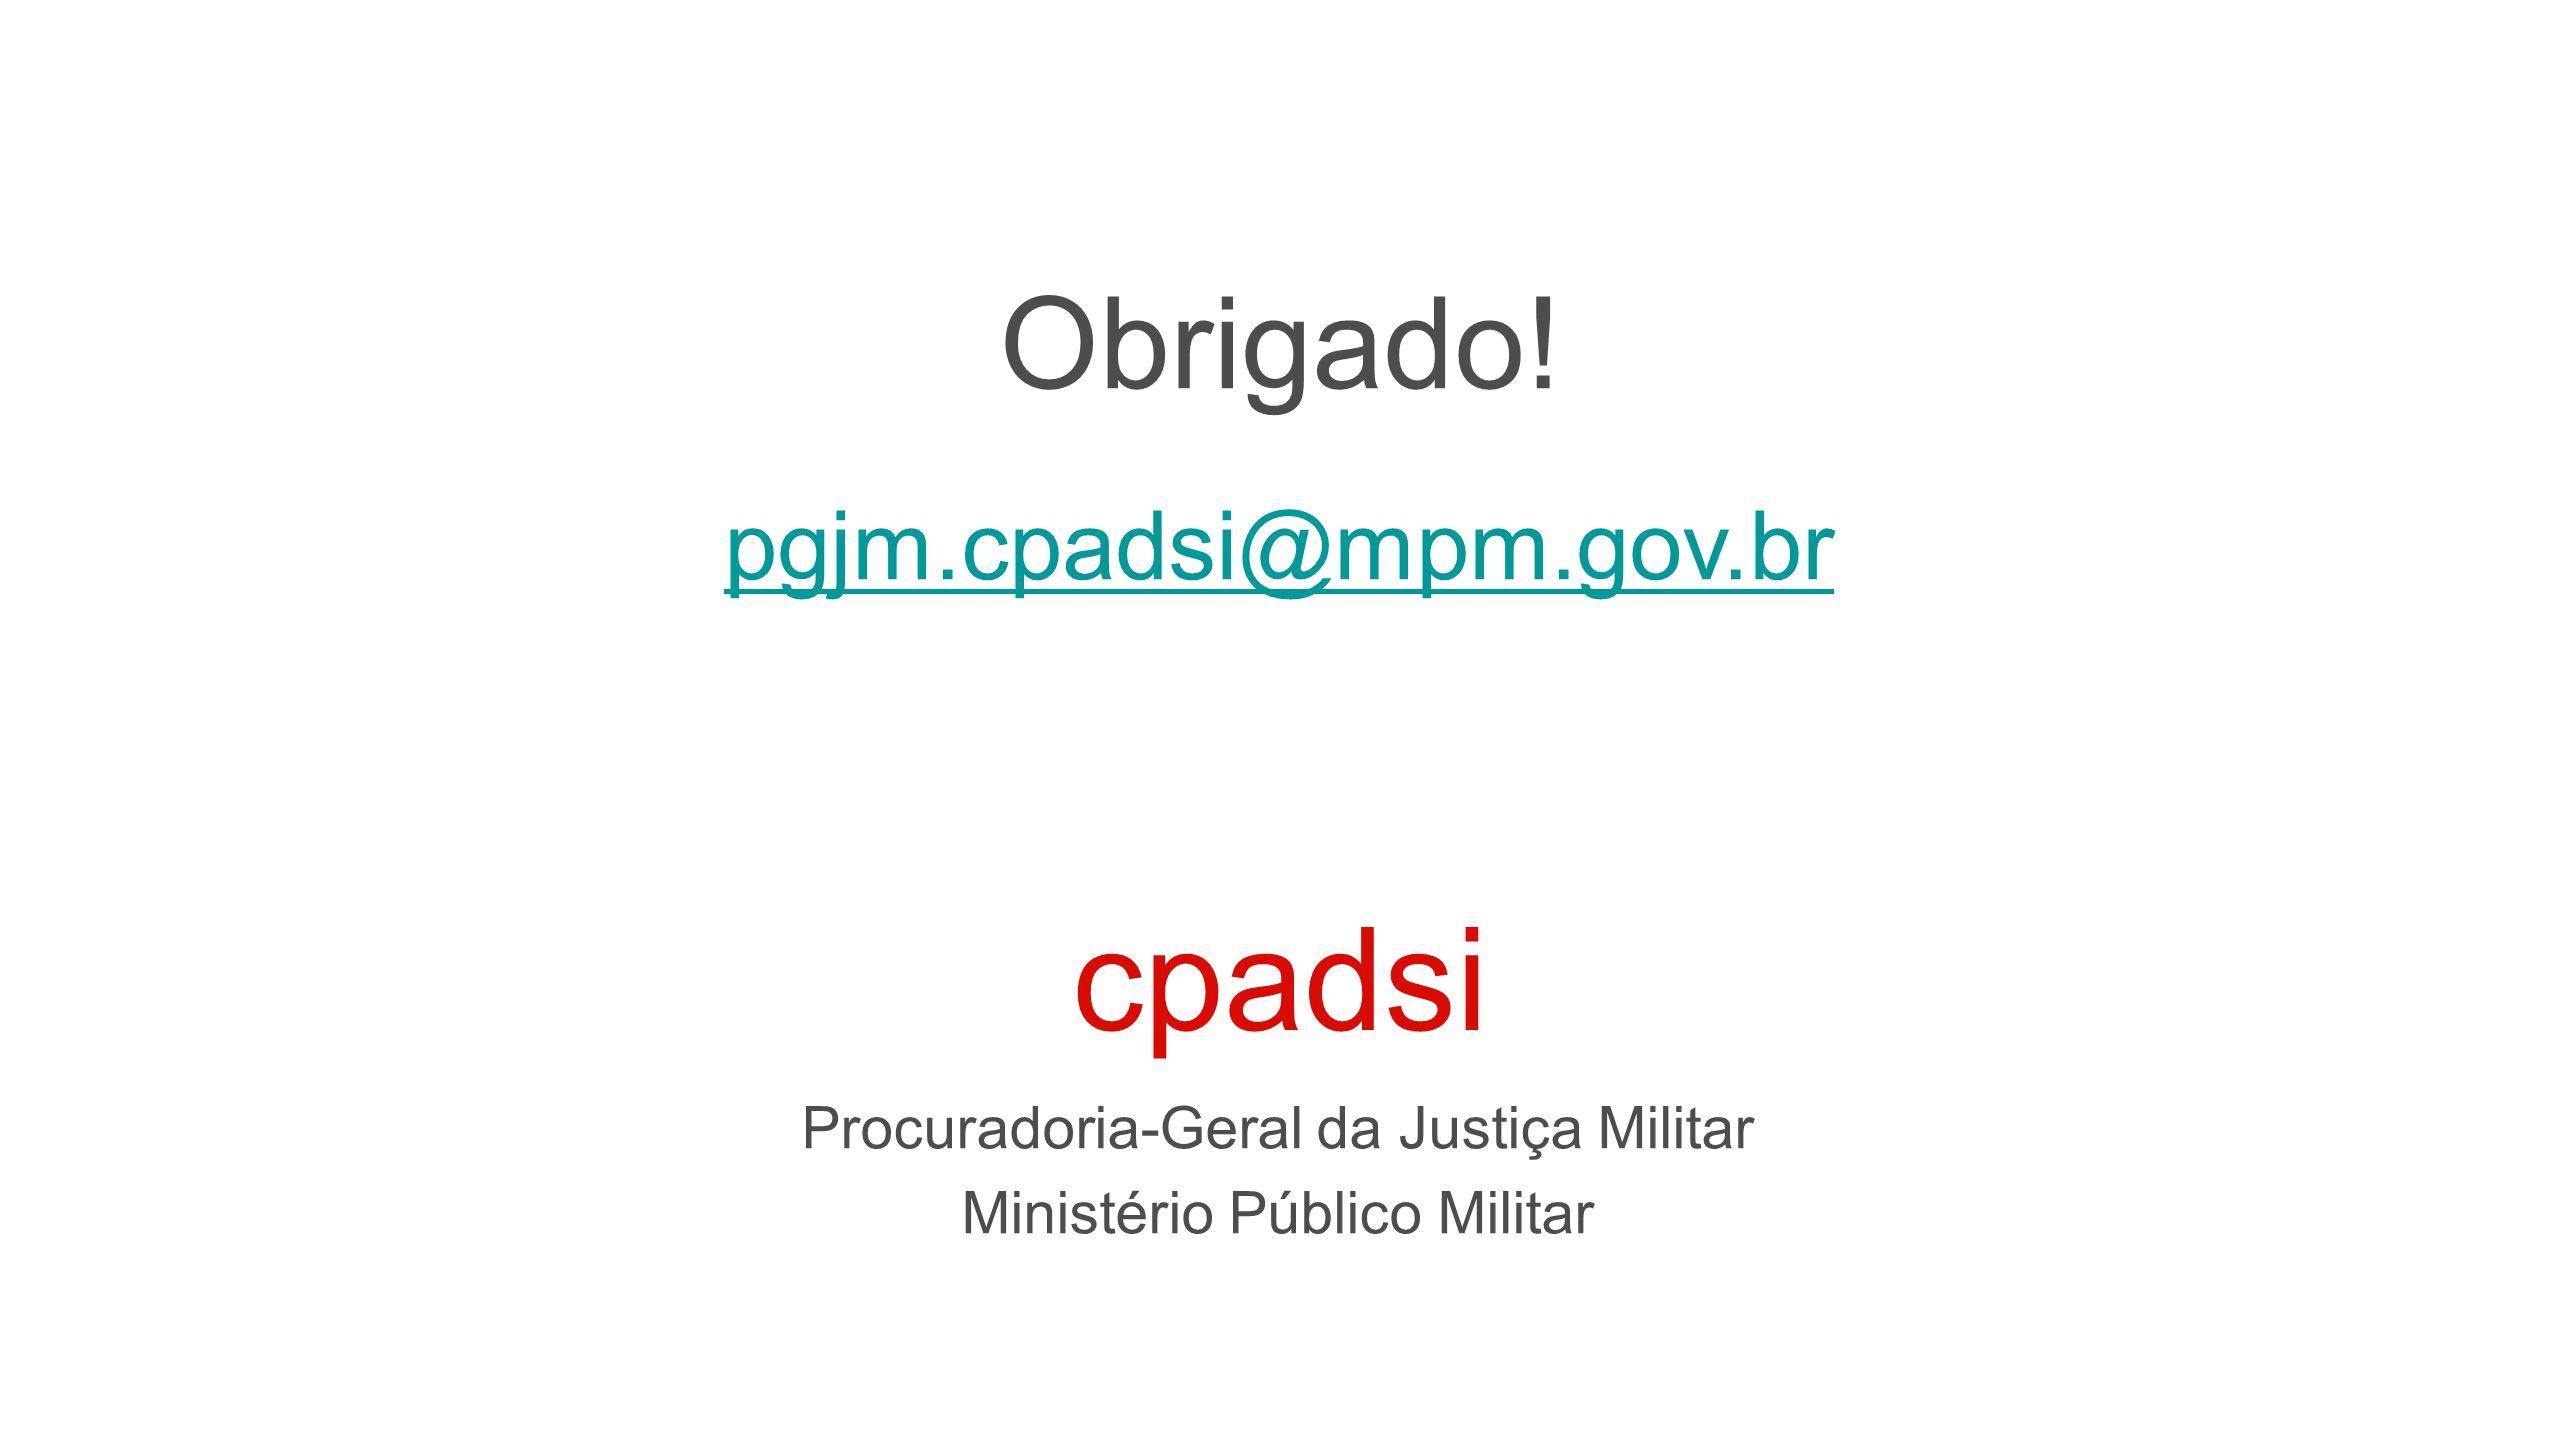 cpadsi Obrigado! pgjm.cpadsi@mpm.gov.br